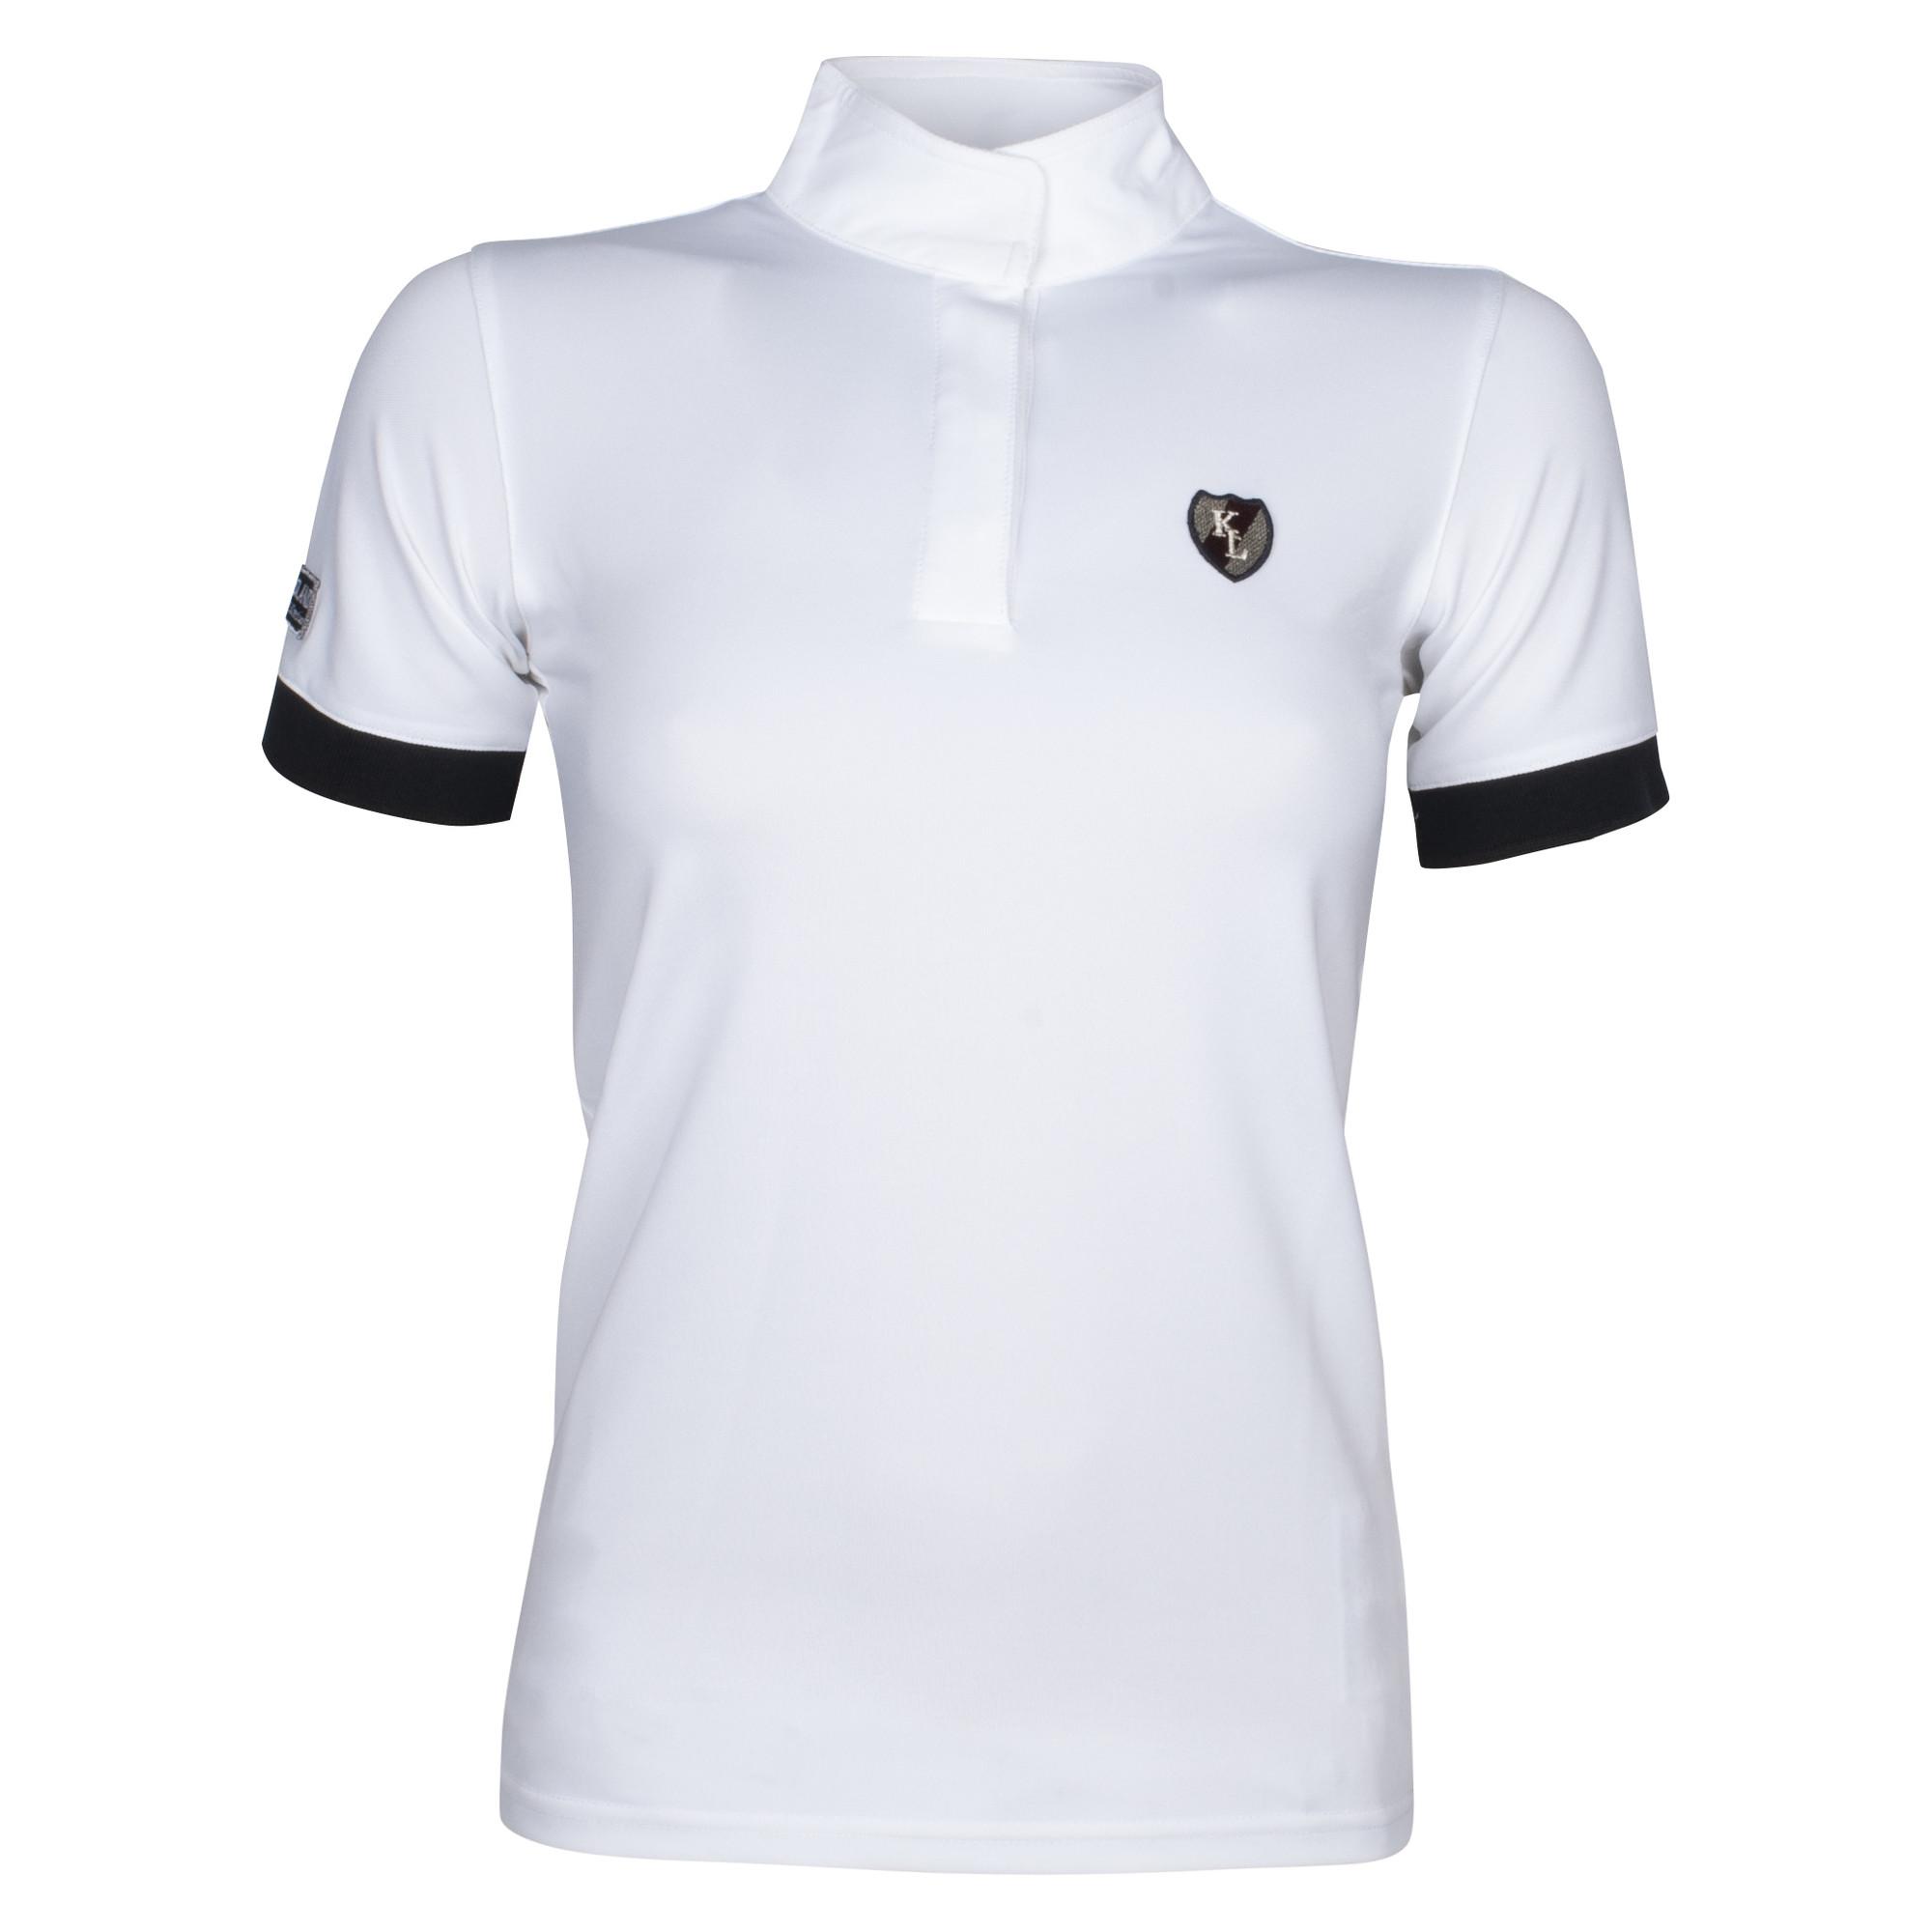 Kingsland Lovita wedstrijdshirt wit maat:xxl